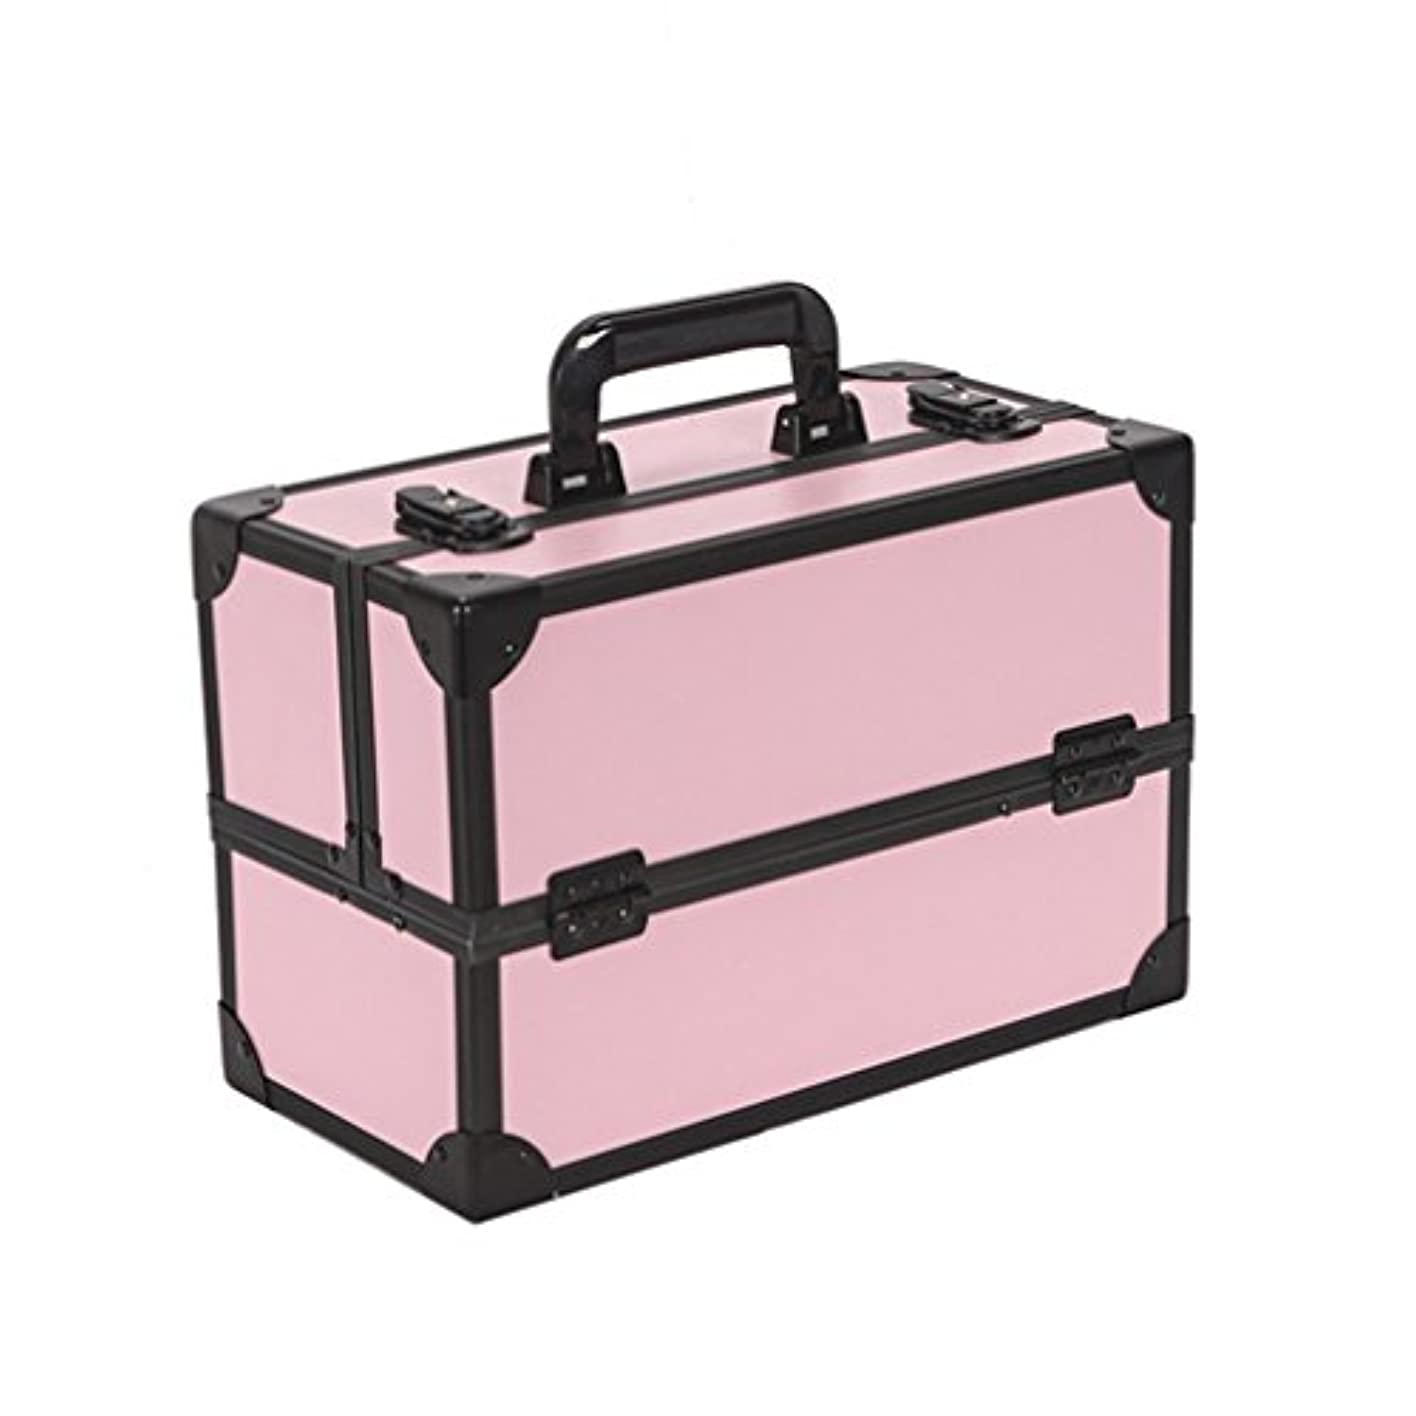 修道院苛性適切な{ツネユウ}メイクボックス 大容量 コスメボックス プロ用 化粧品収納 ジュエリー アクセサリー メイク道具 収納ボックス 3段収納トレイ 携帯ハンドル付 メイクブラシ 収納力抜群 かわいい ピンク